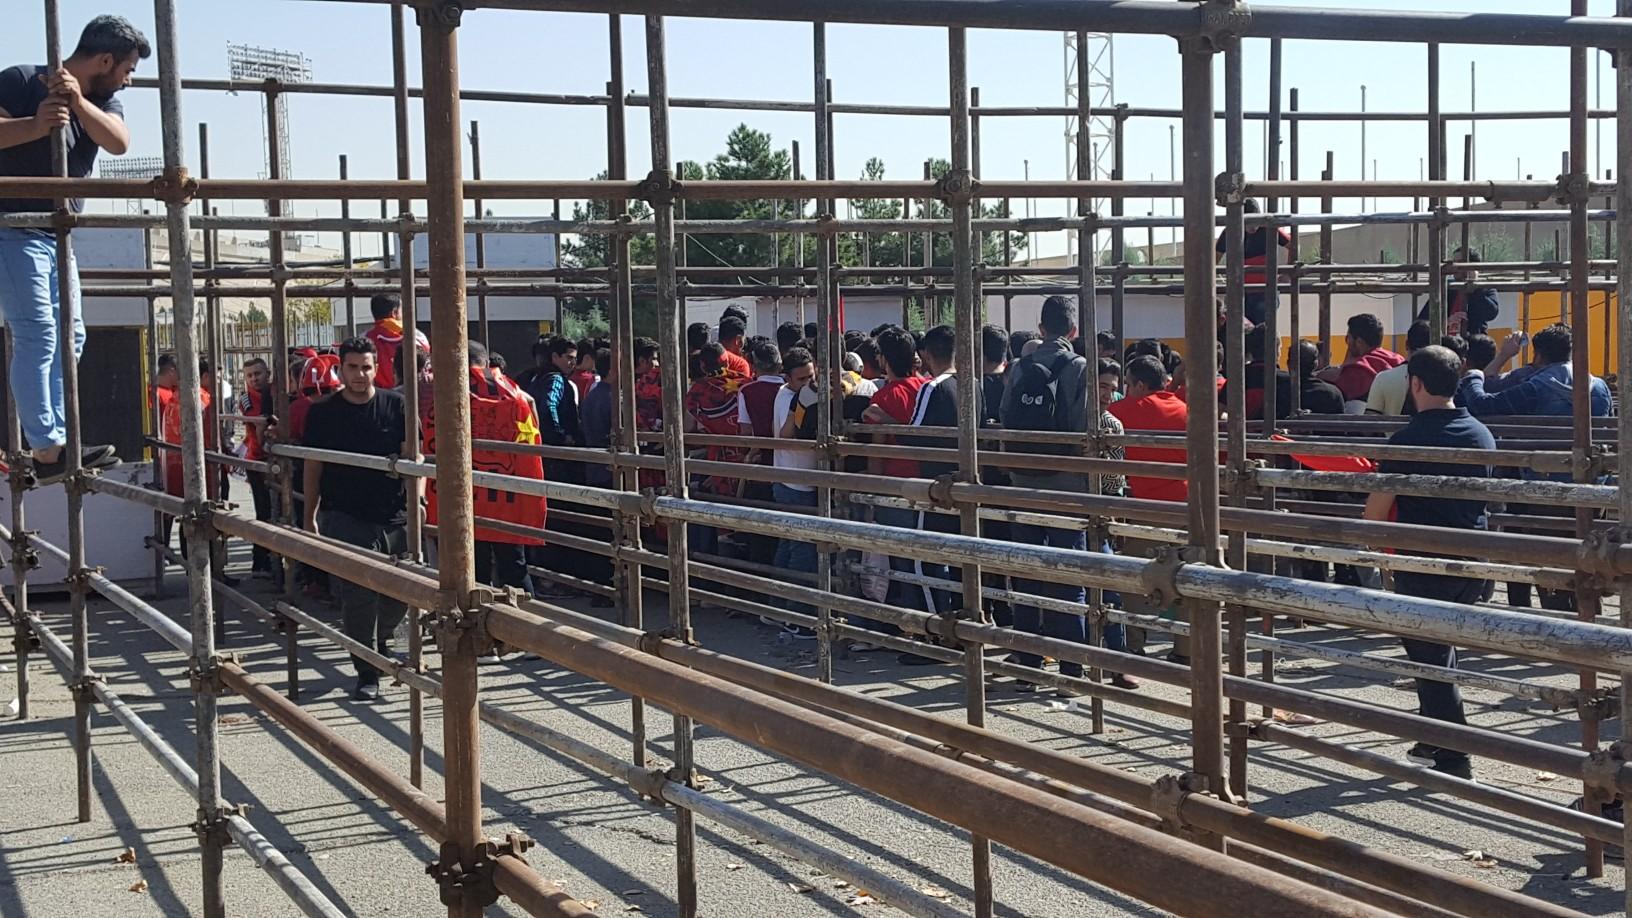 حاشیههای پیش از دیدار پرسپولیس ایران و السد قطر در ورزشگاه آزادی - 16